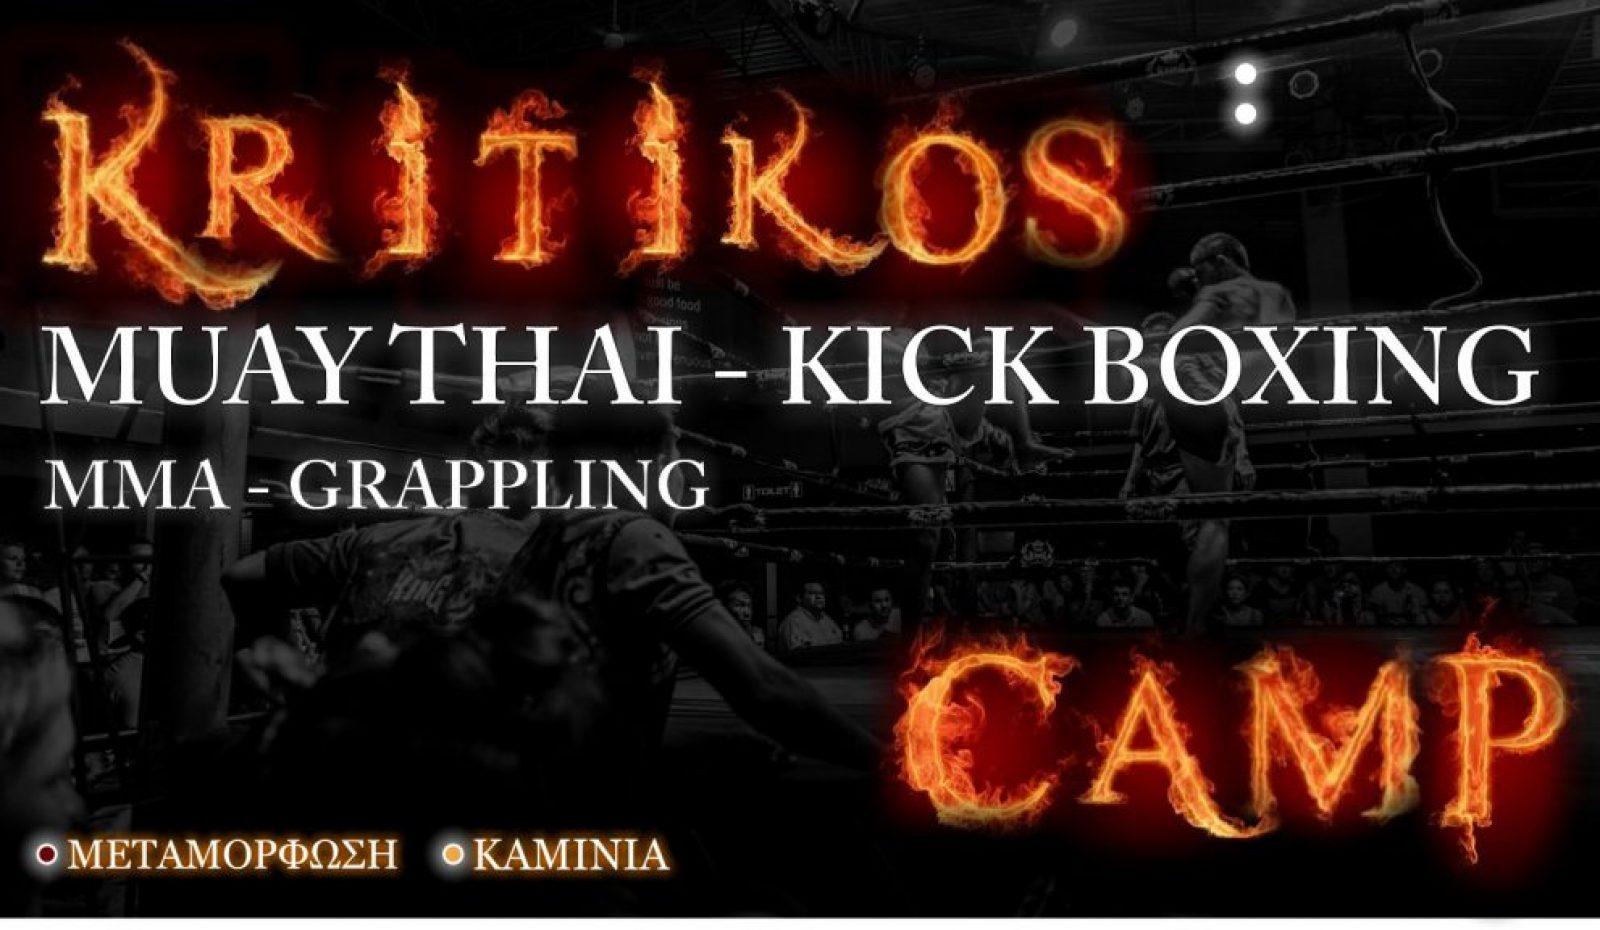 https://www.kritikoscamp.gr/wp-content/uploads/2020/02/kritikoscamp-banner.jpg